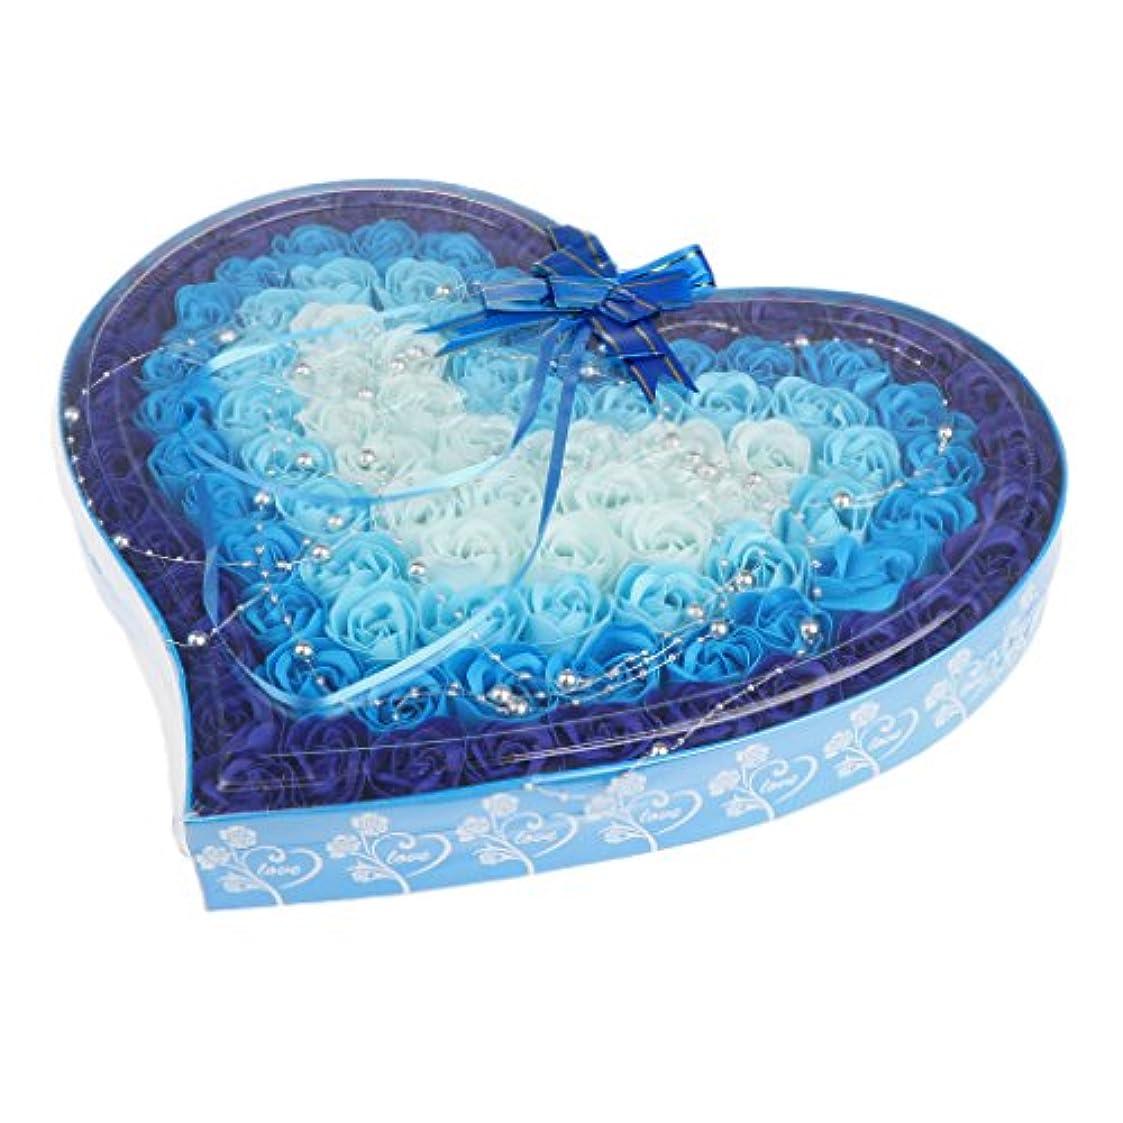 よろしく鉄私ソープフラワー 約100個 心の形 ギフトボックス 石鹸の花 誕生日 プレゼント 全4色選べる - 青